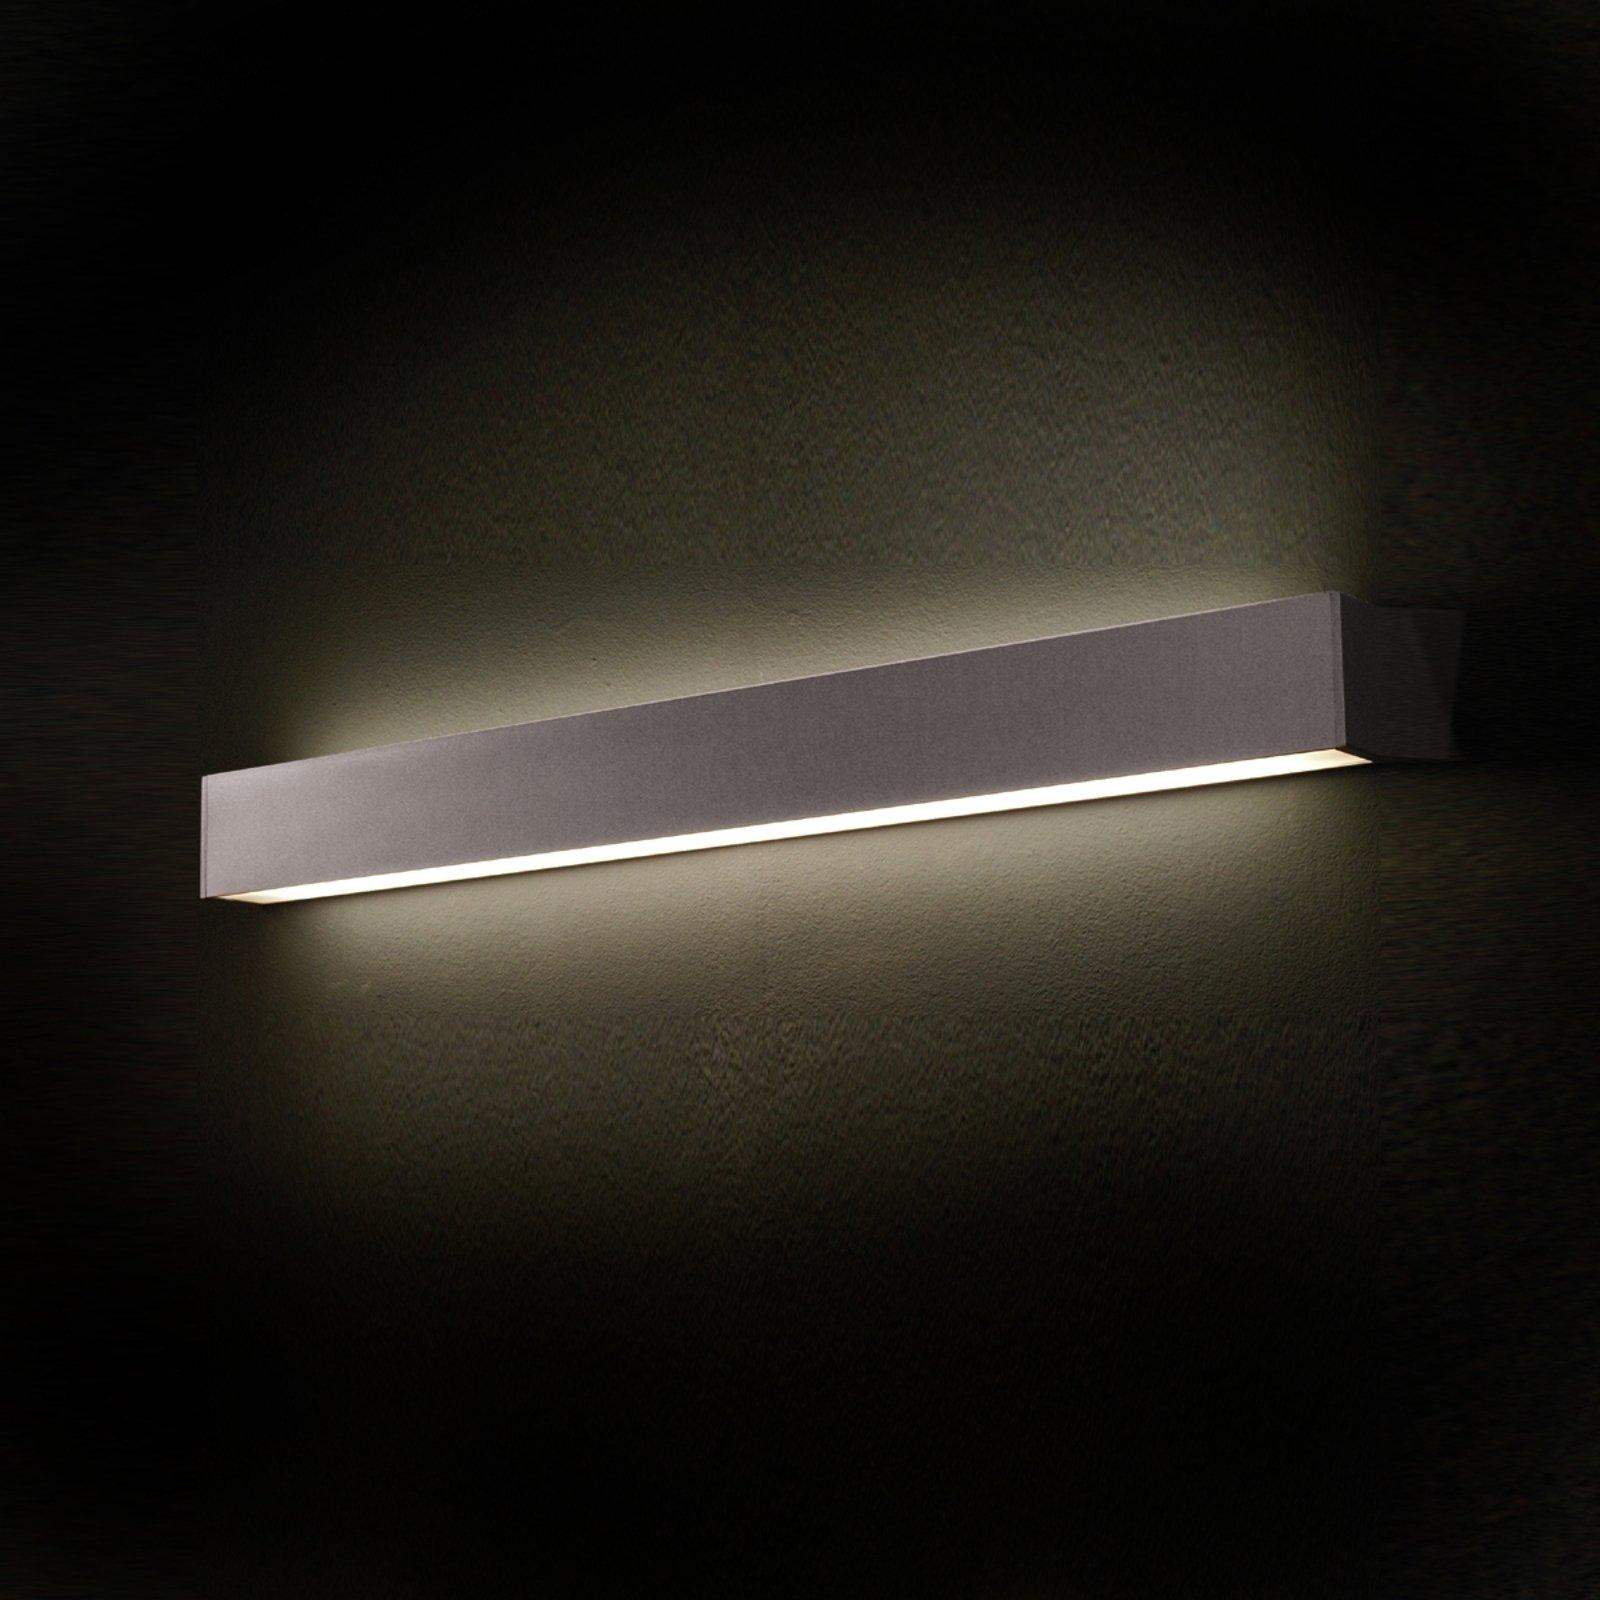 TIN vegglampe i aluminium 89,8 cm lang